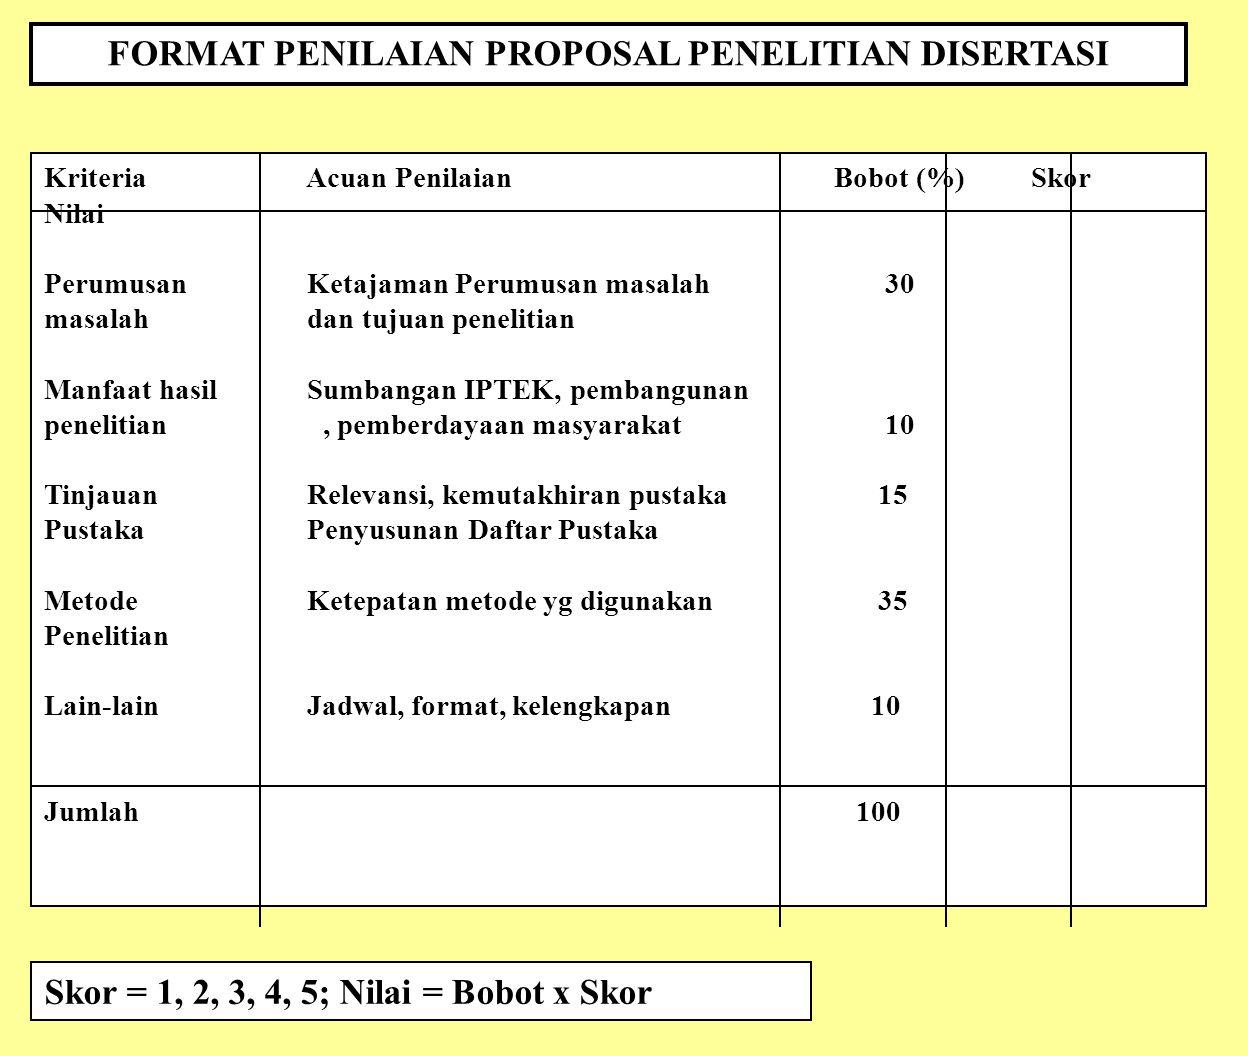 FORMAT PENILAIAN PROPOSAL PENELITIAN DISERTASI Kriteria Acuan Penilaian Bobot (%) Skor Nilai PerumusanKetajaman Perumusan masalah 30 masalahdan tujuan